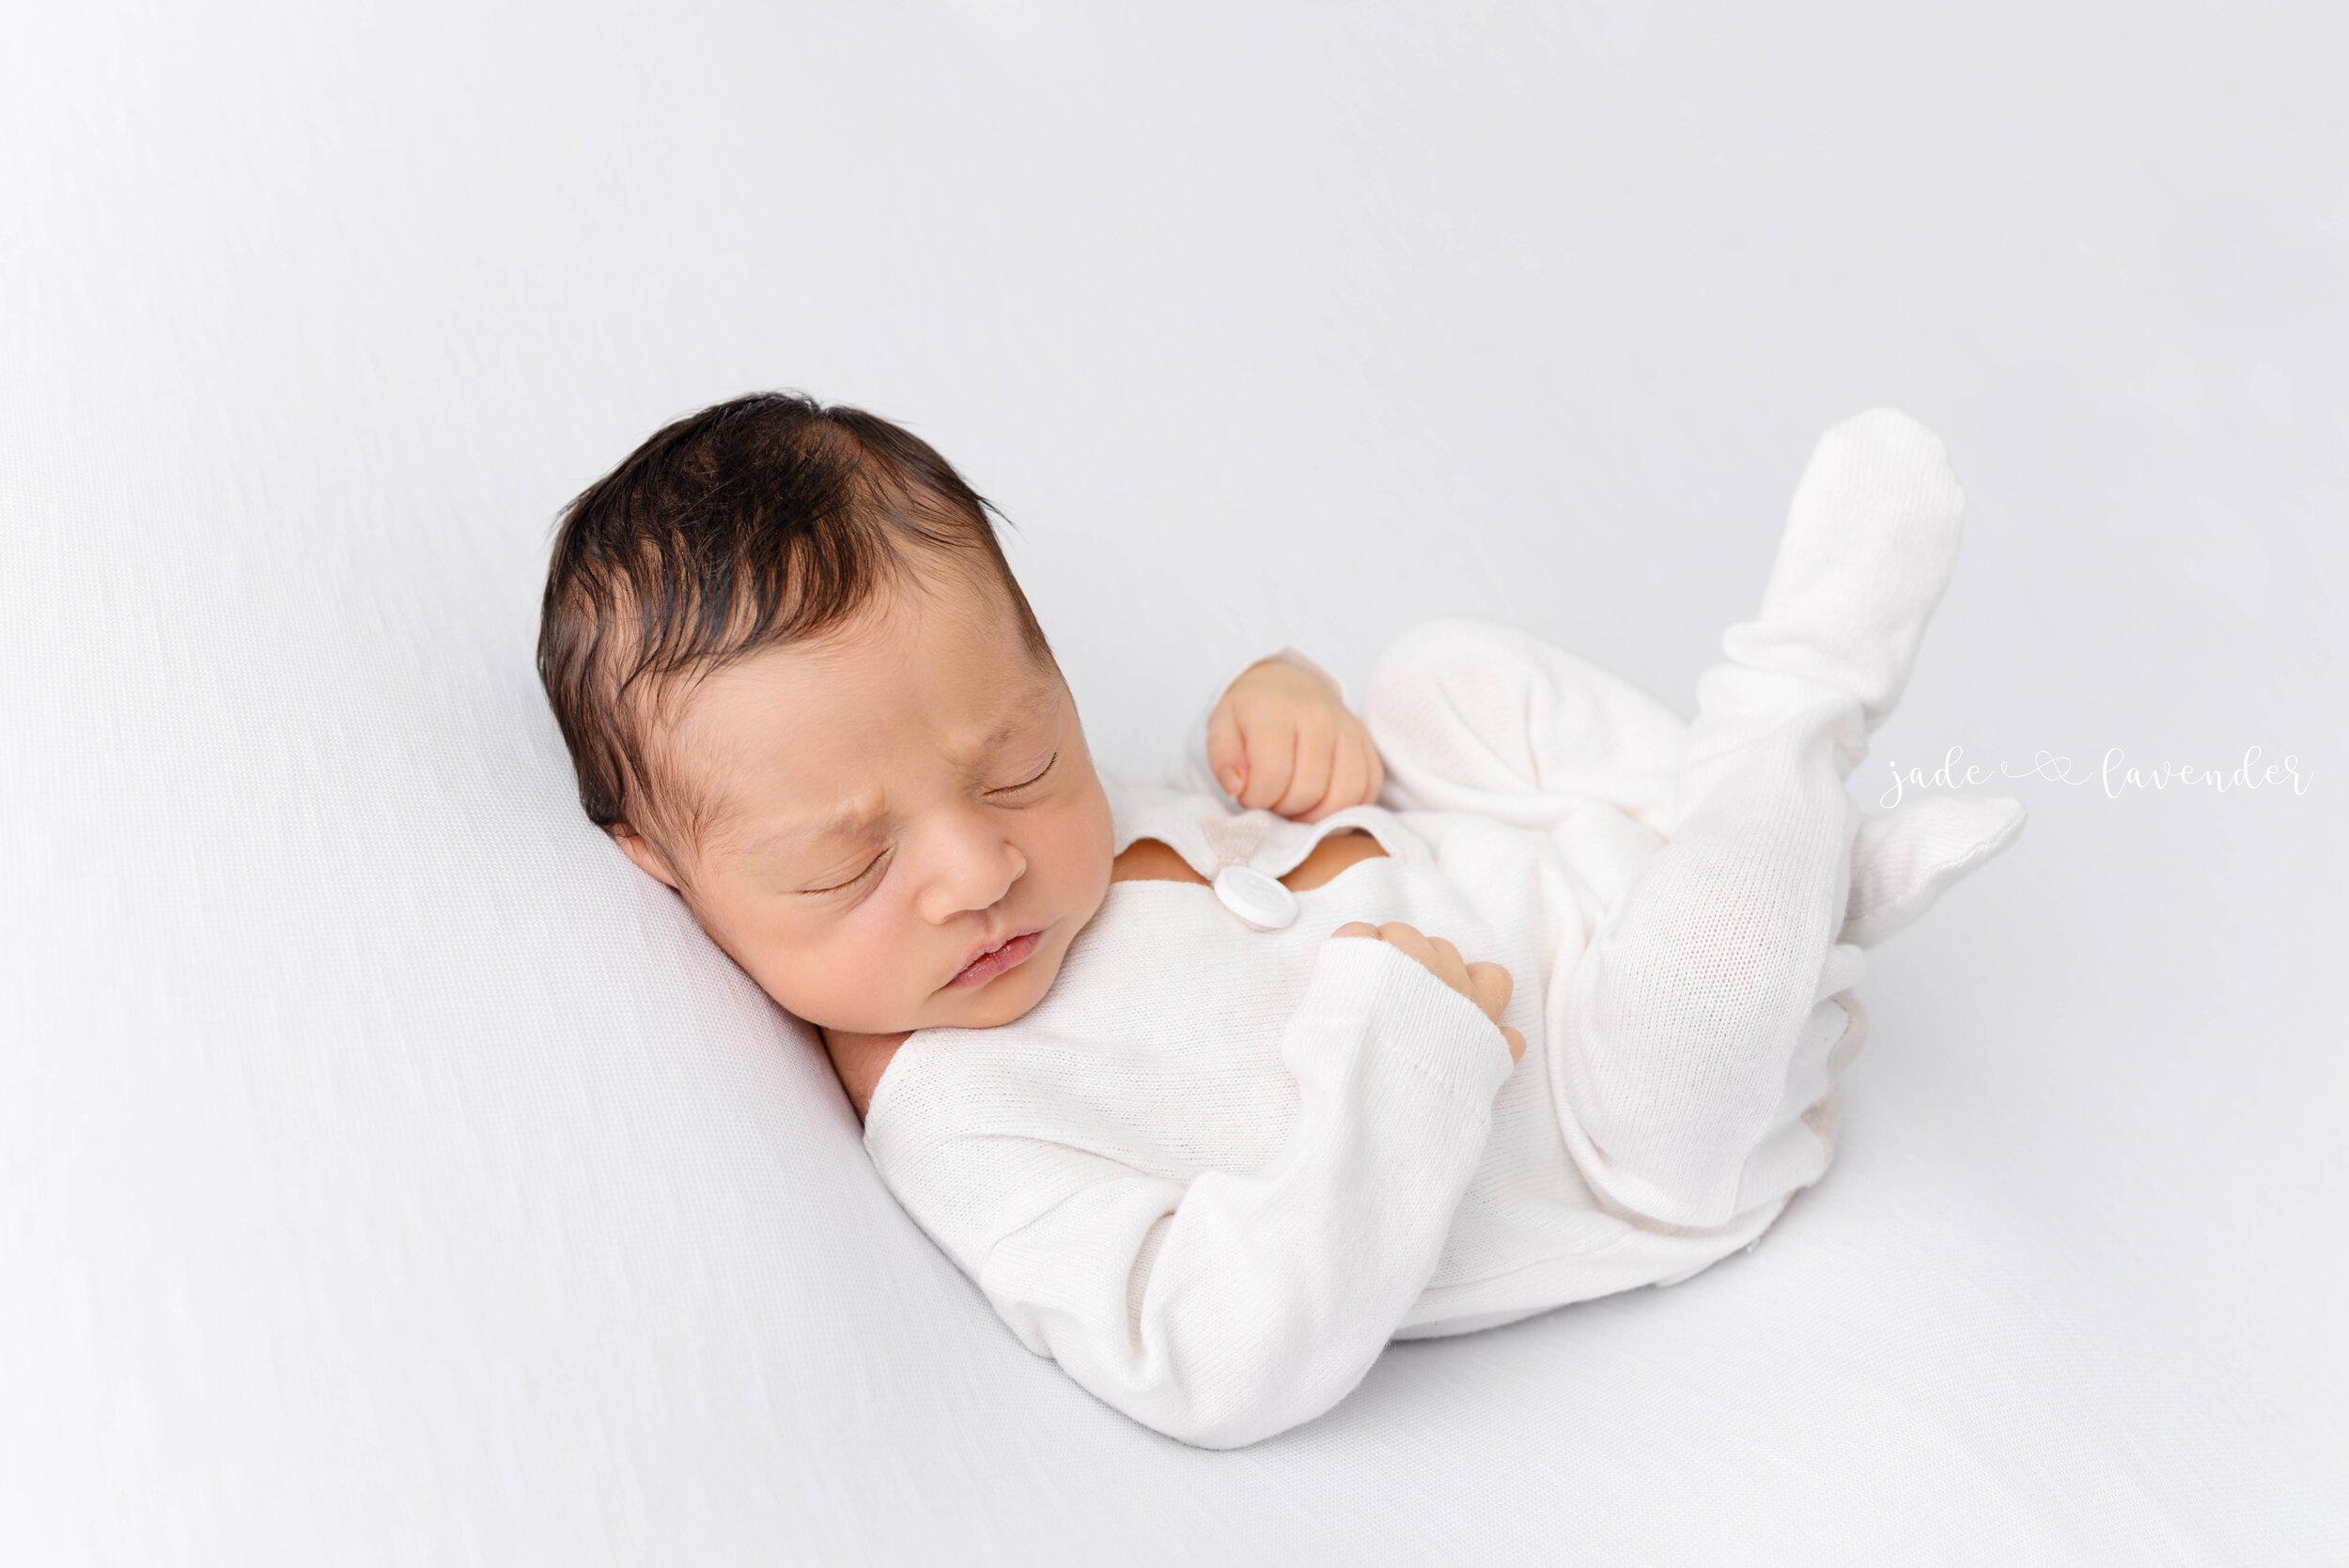 Newborn-family-photos-baby-images-infant-photography-spokane-washington (4 of 7).jpg